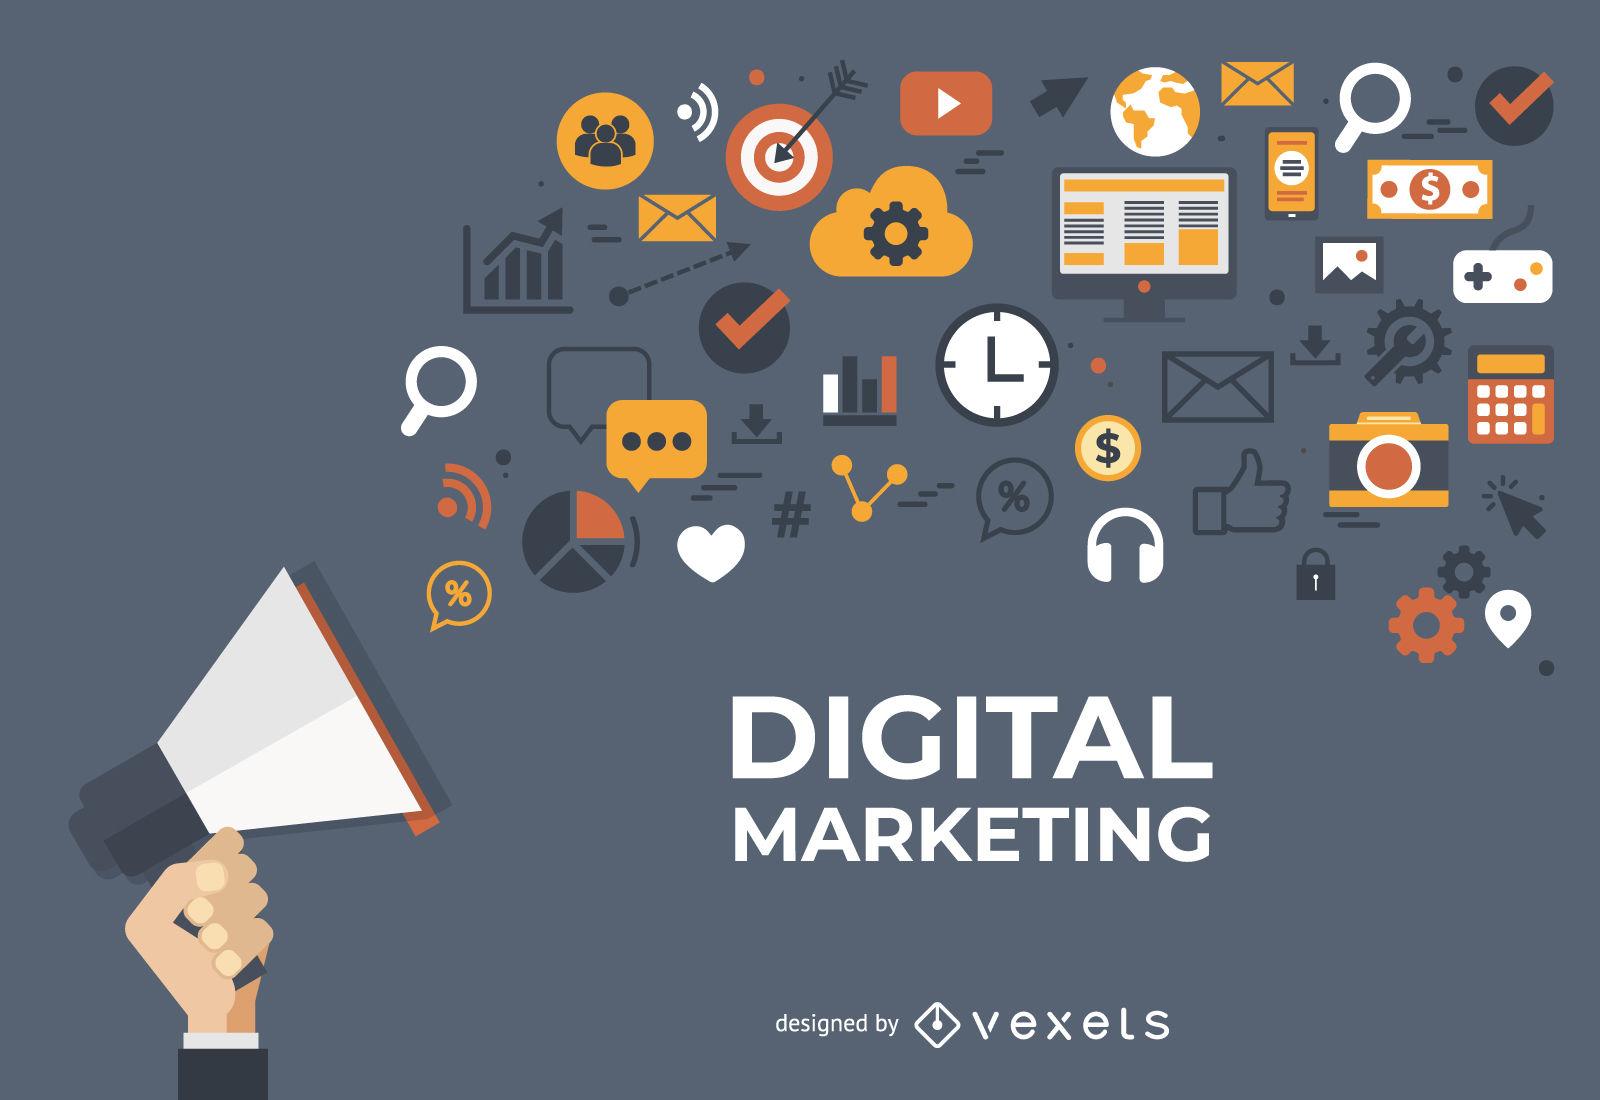 Chuyên viên Digital Marketing